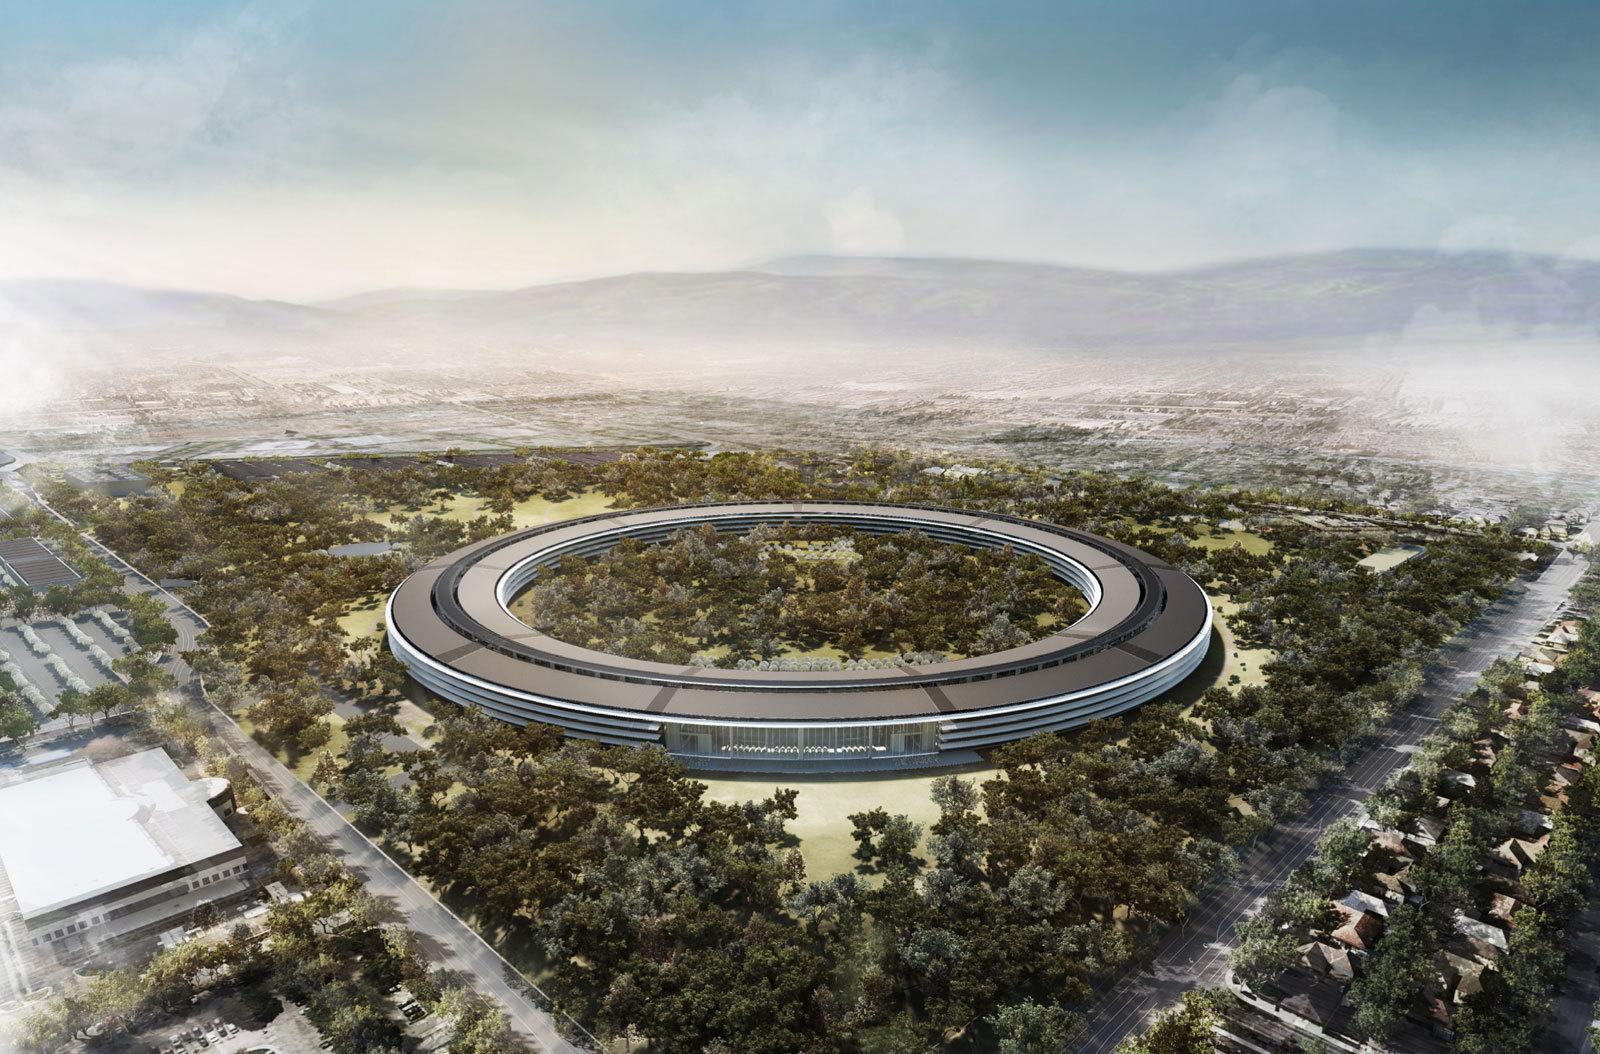 Взгляд в будущее: Как будут выглядеть штаб-квартиры крупных ИТ-компаний - 5